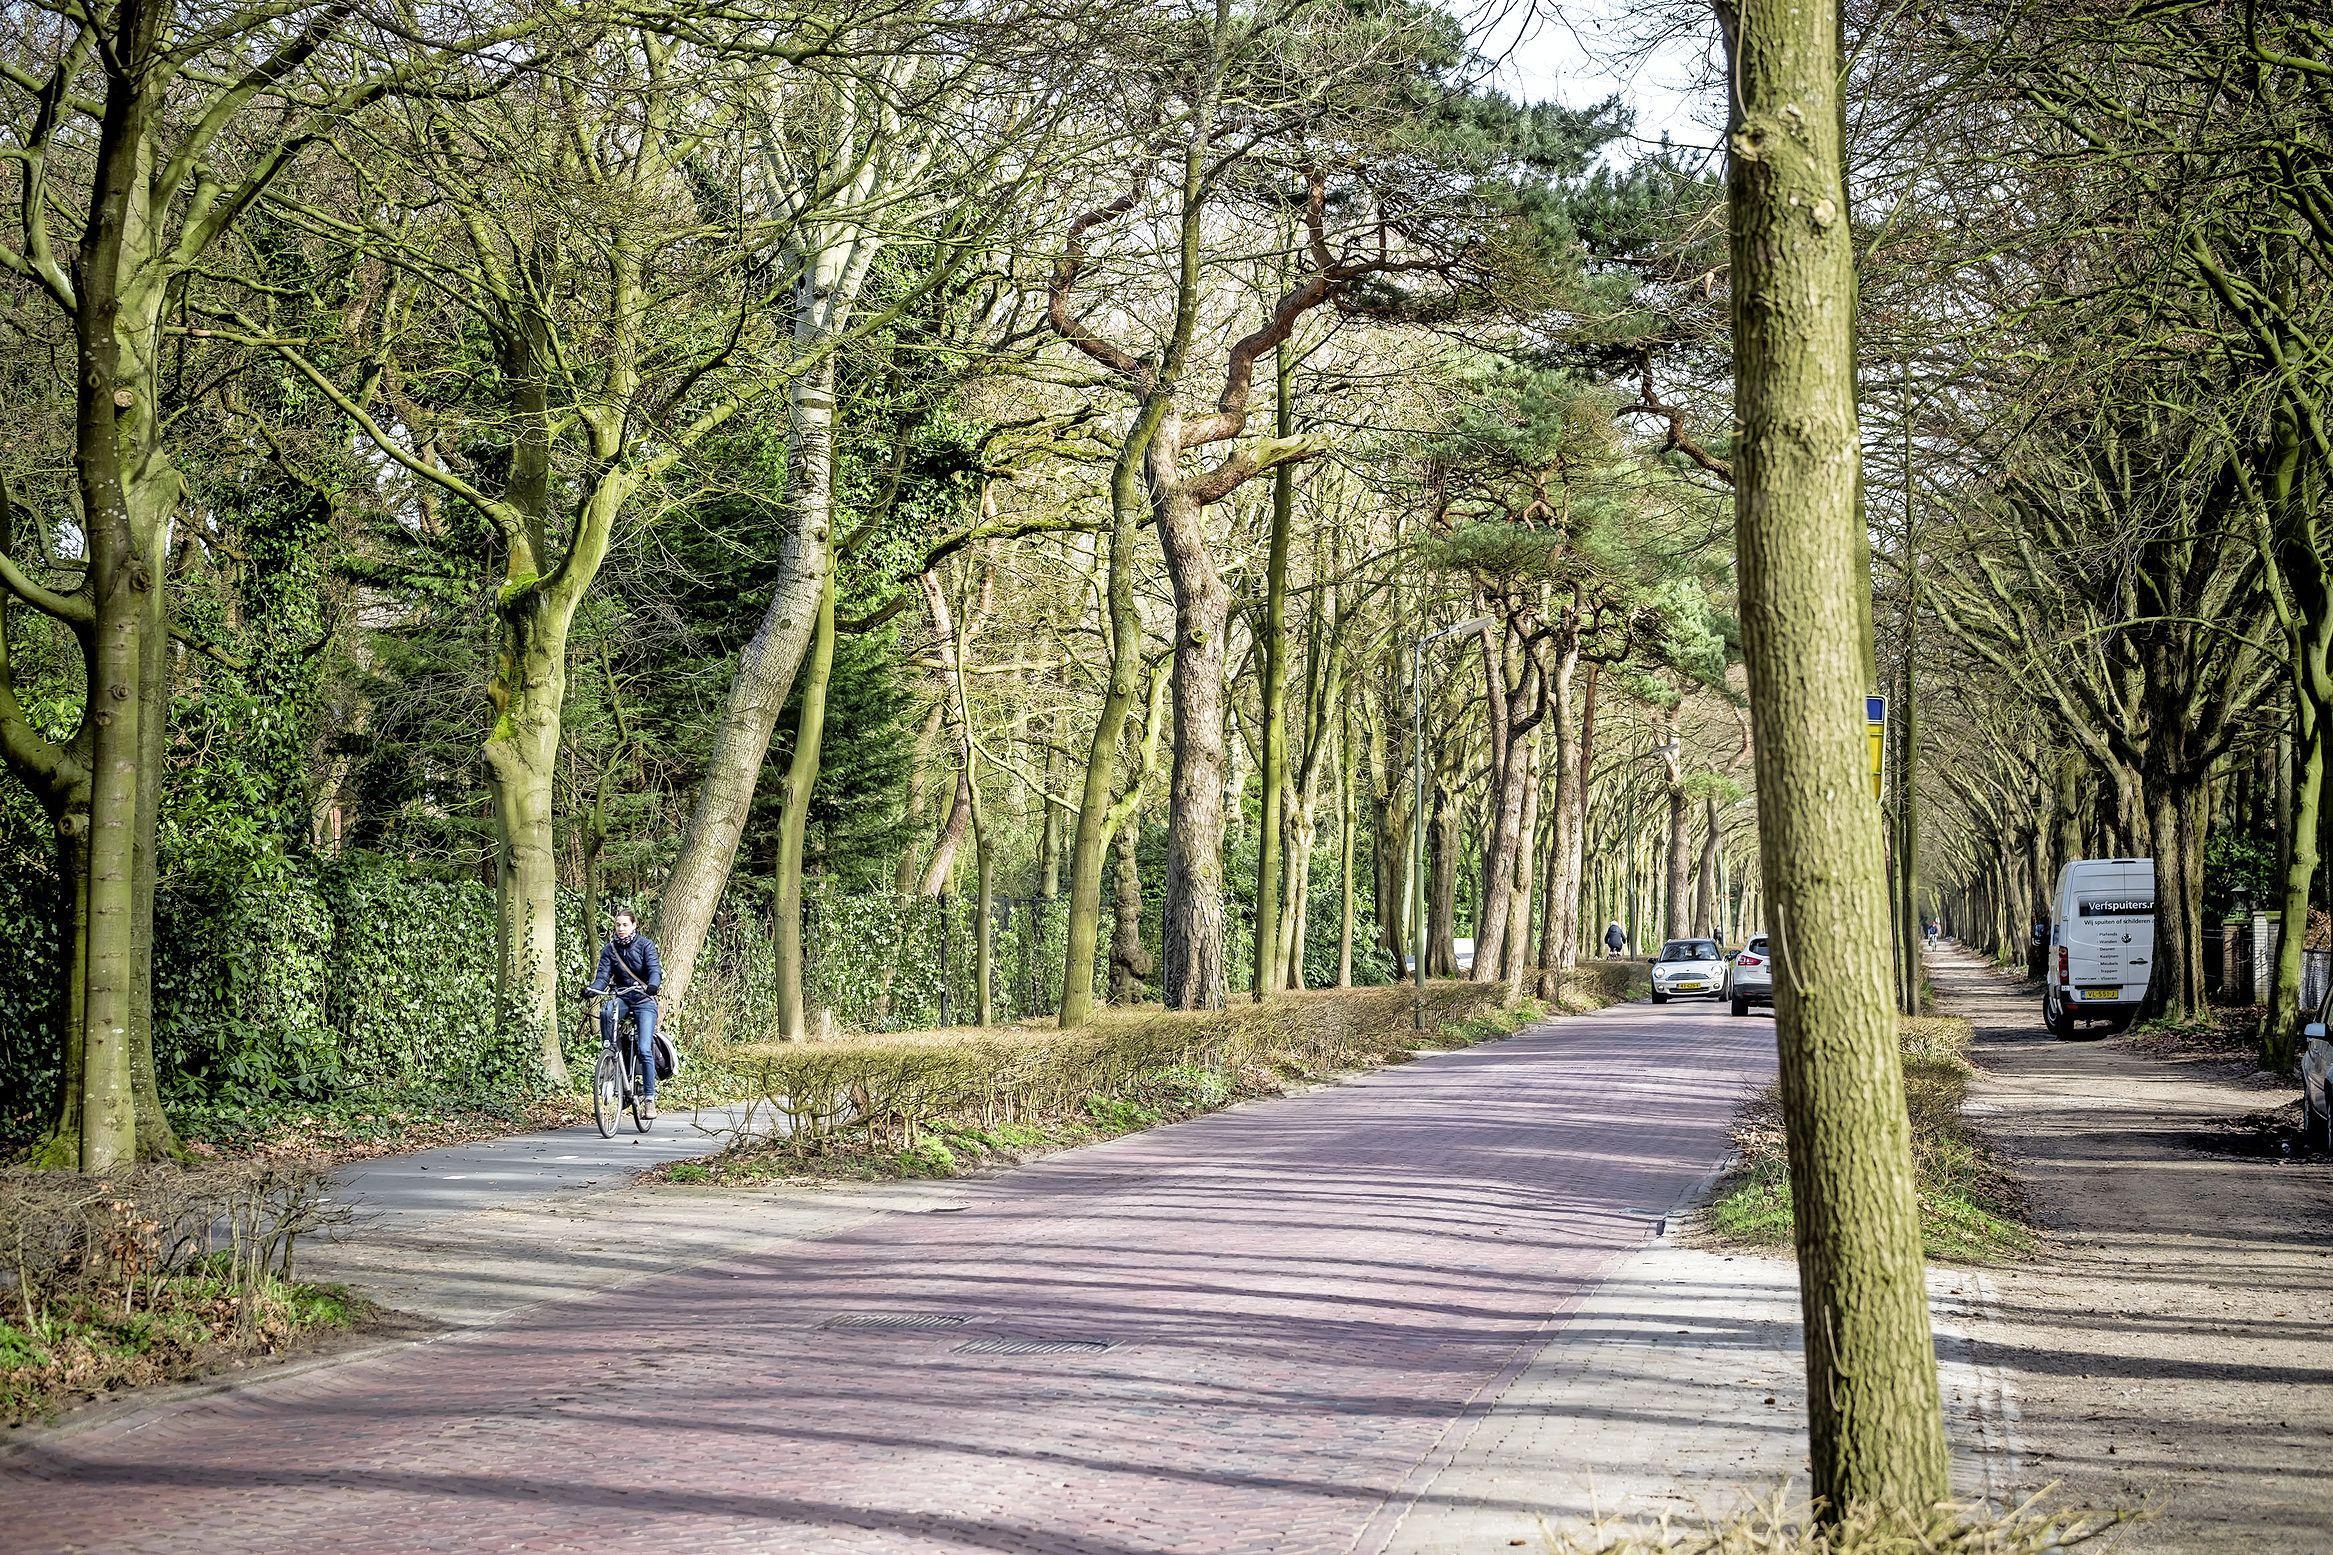 Bewoners van de Eeuwigelaan en de Buerweg in Bergen mogen beperkt bouwen op hun perceel. De gemeente mag een bewoner van de Buerweg daarvoor in natura compenseren, zegt de rechter